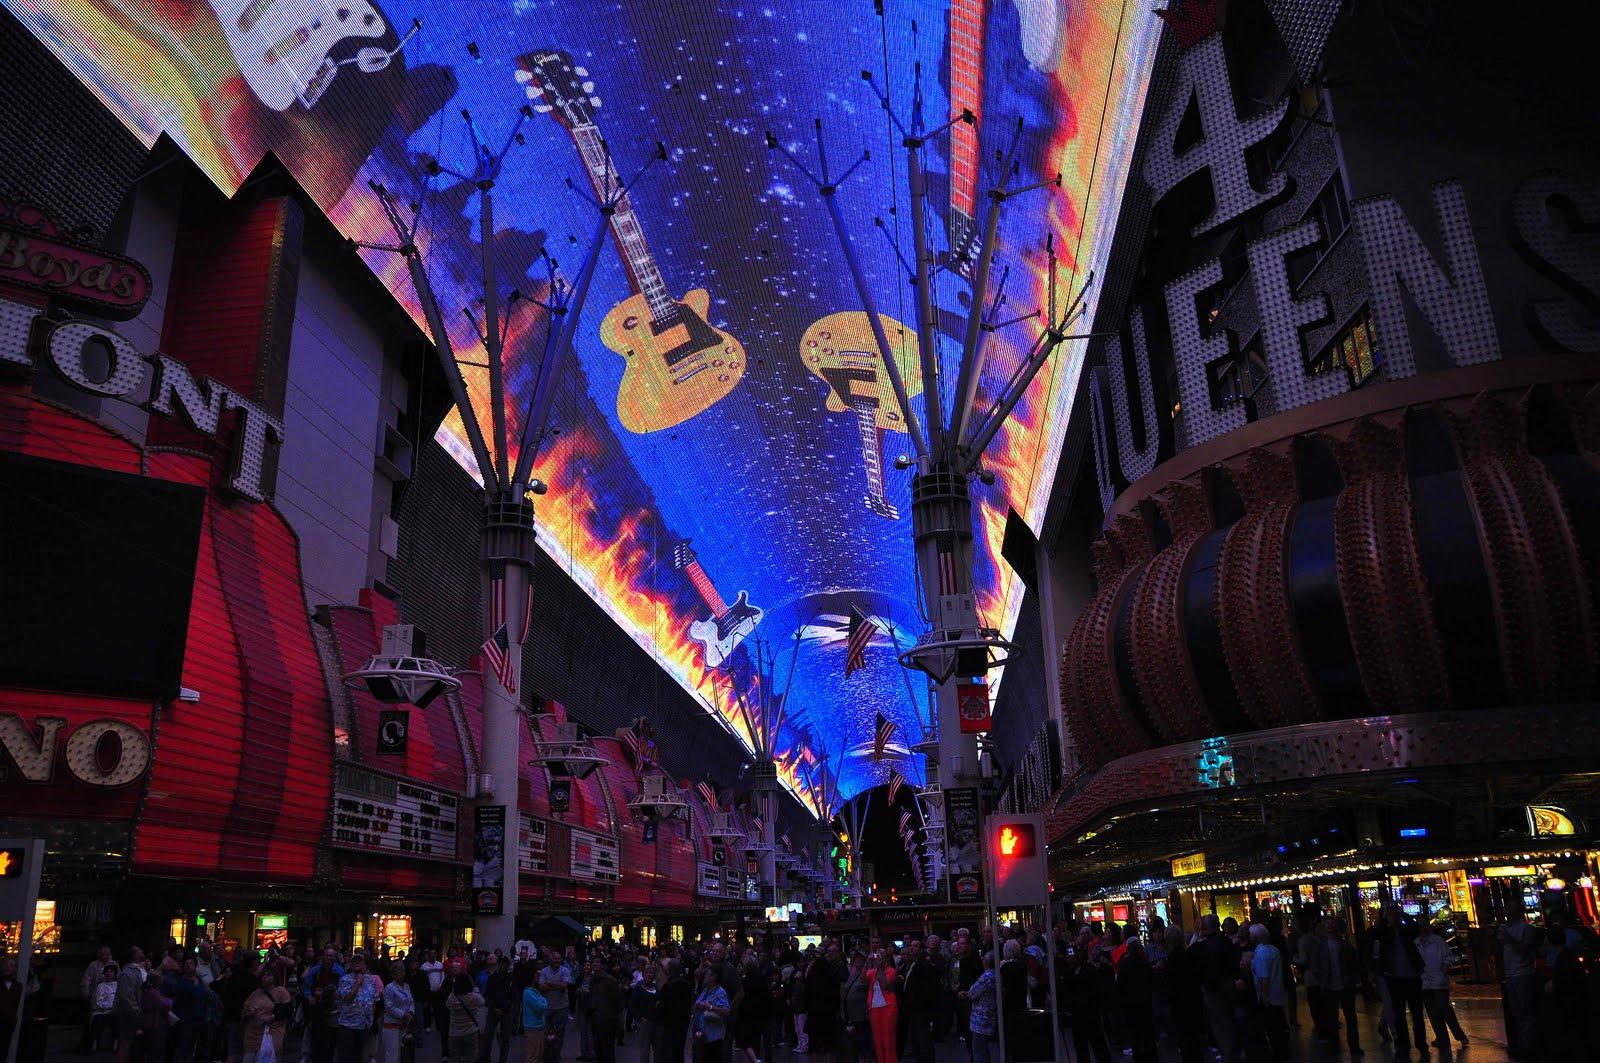 Downtown Las Vegas Light Show